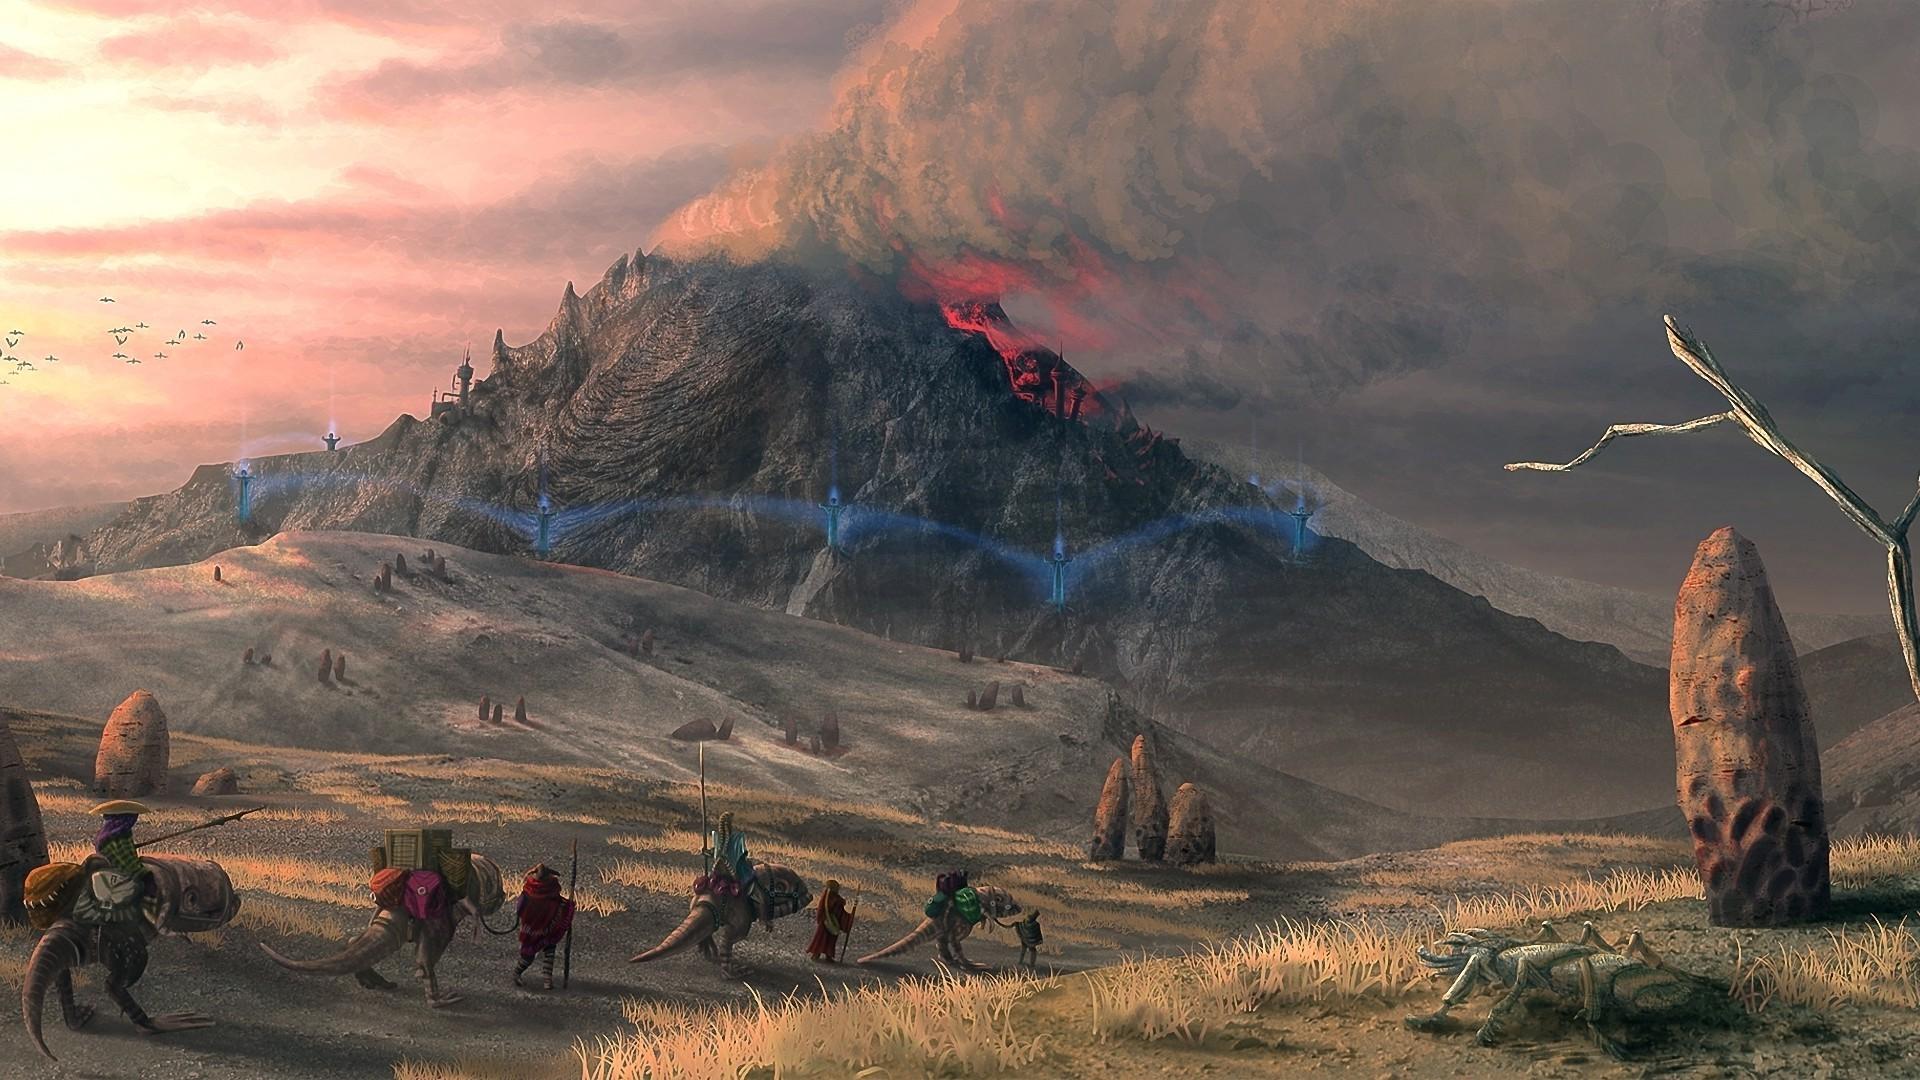 The Elder Scrolls III: Morrowind HD Wallpaper | Background ...